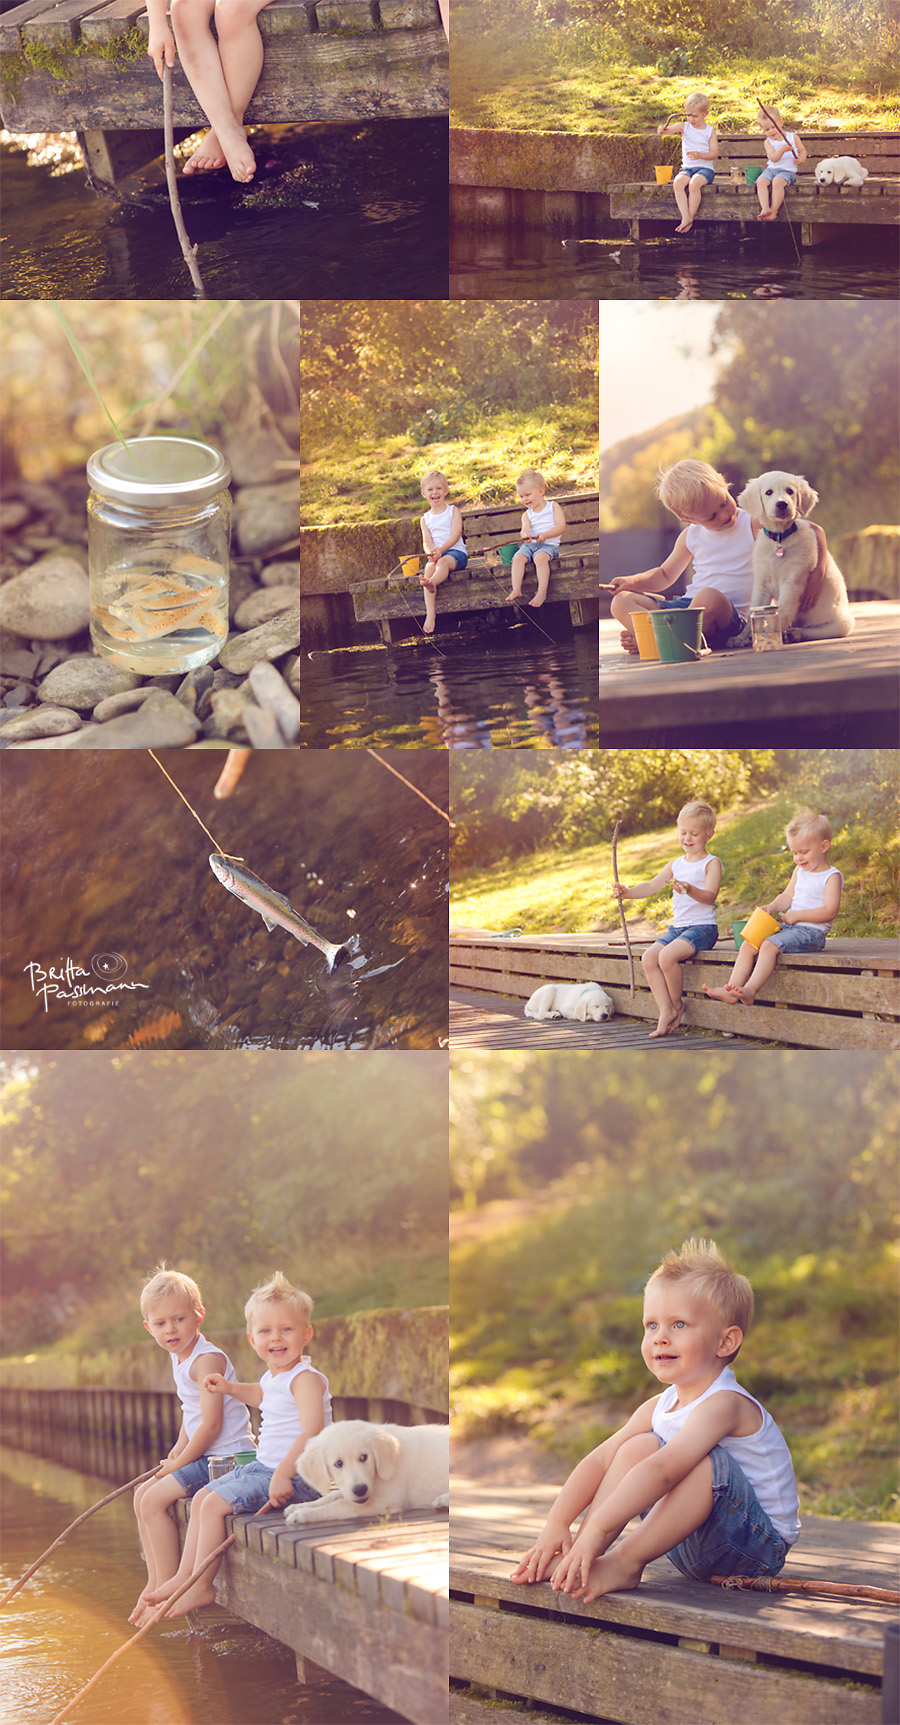 bp_kinderfotos_kinderfotogarfie_dormtund_fotoshooting_012